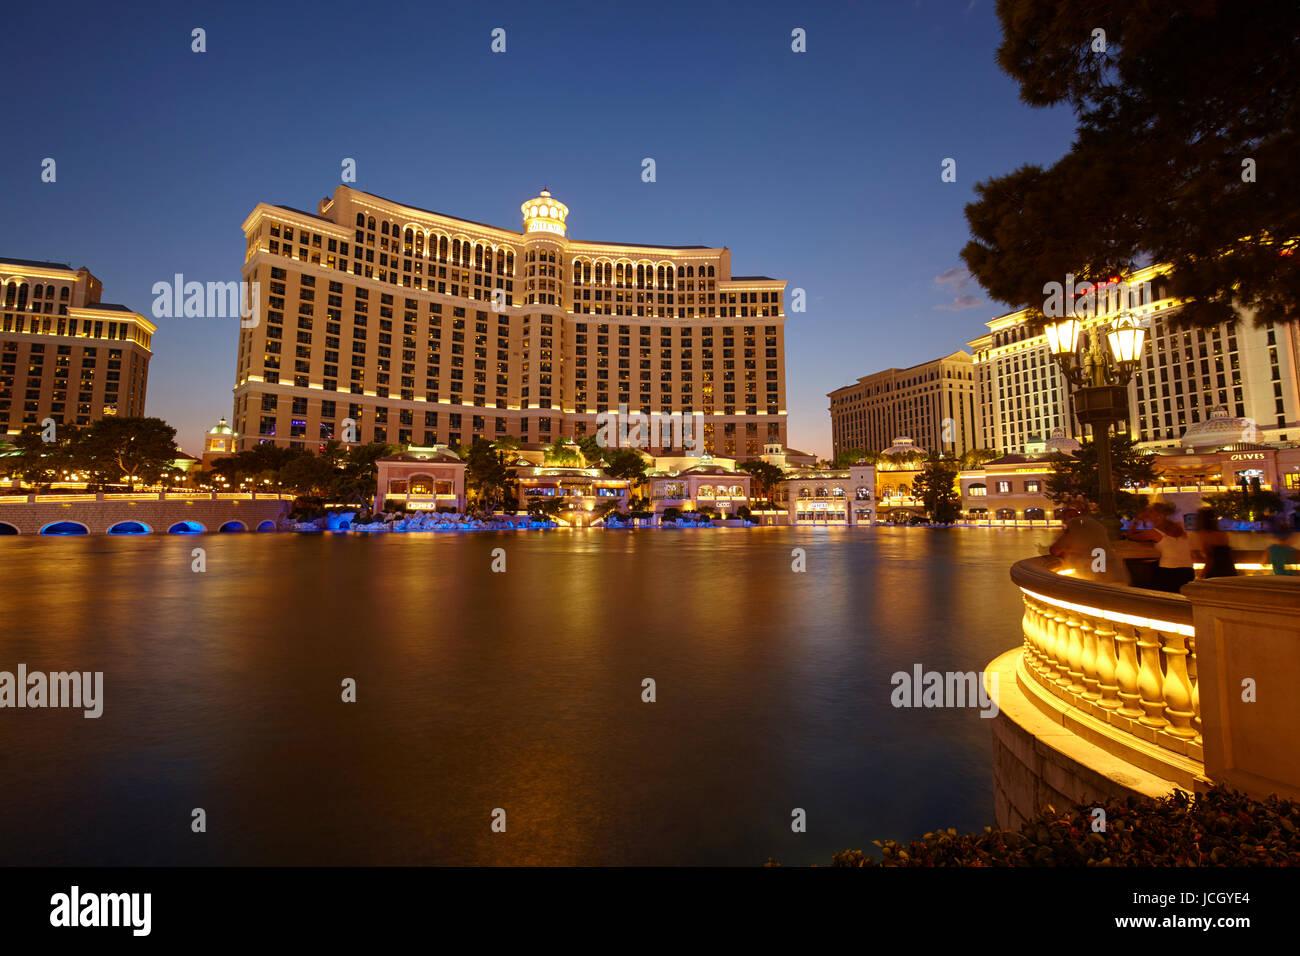 Bellagio Hotel por la noche, Las Vegas, Nevada, Estados Unidos Imagen De Stock